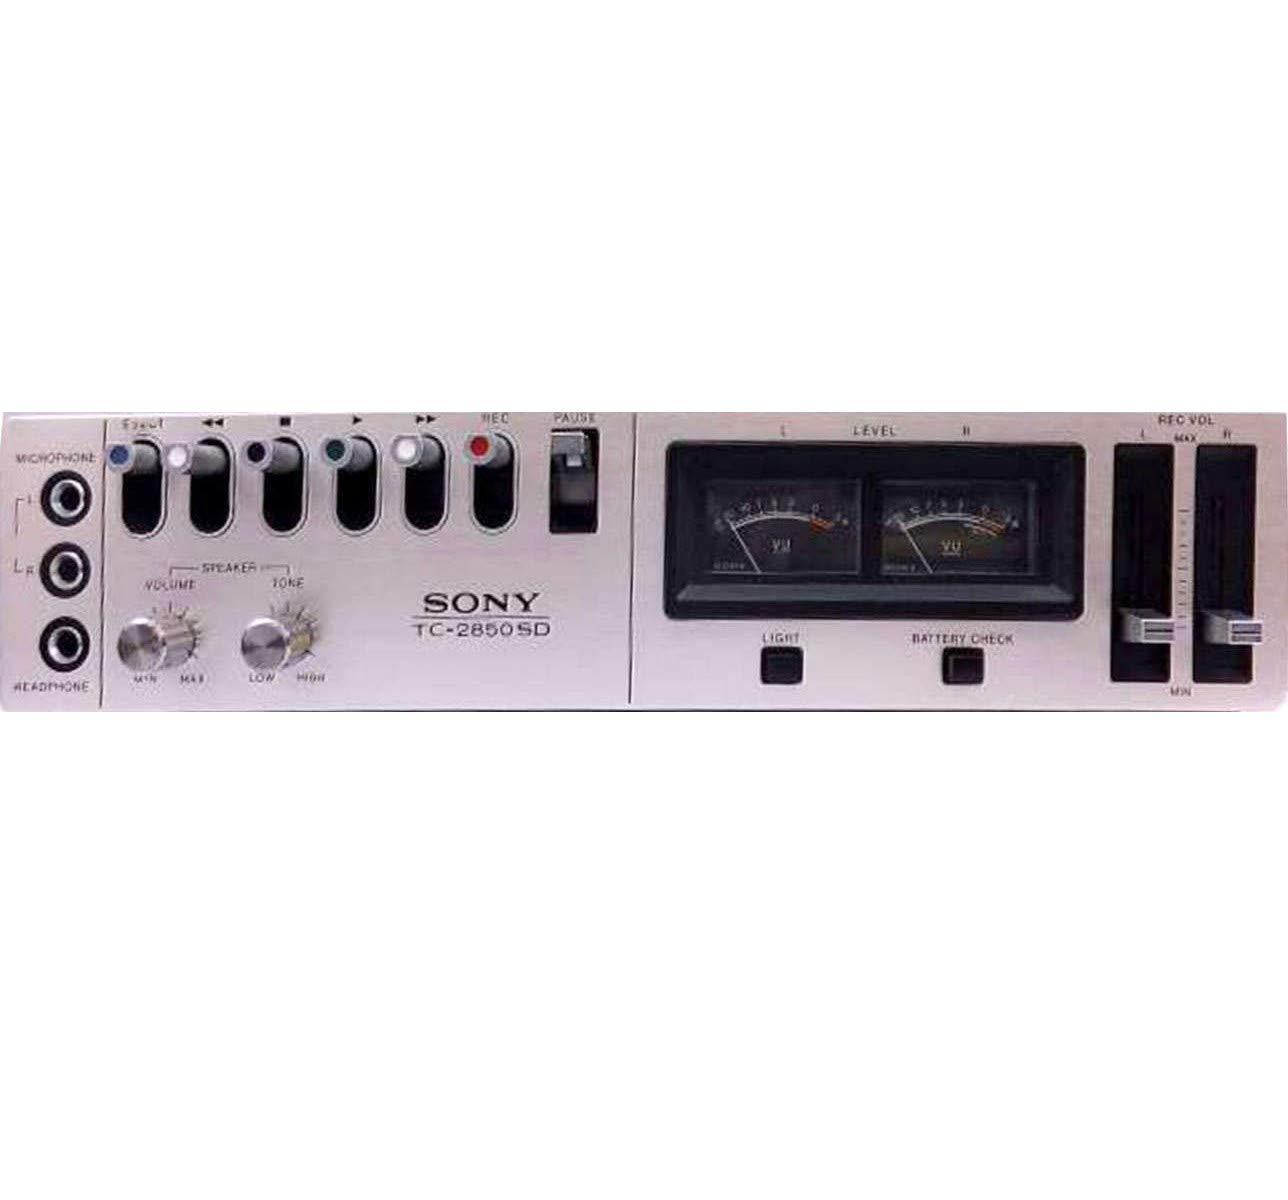 sony カセットデッキカ セットデンスケ TC-2850SD オリジナル布ダストカバー [プレゼントセット] B0732YGCFK